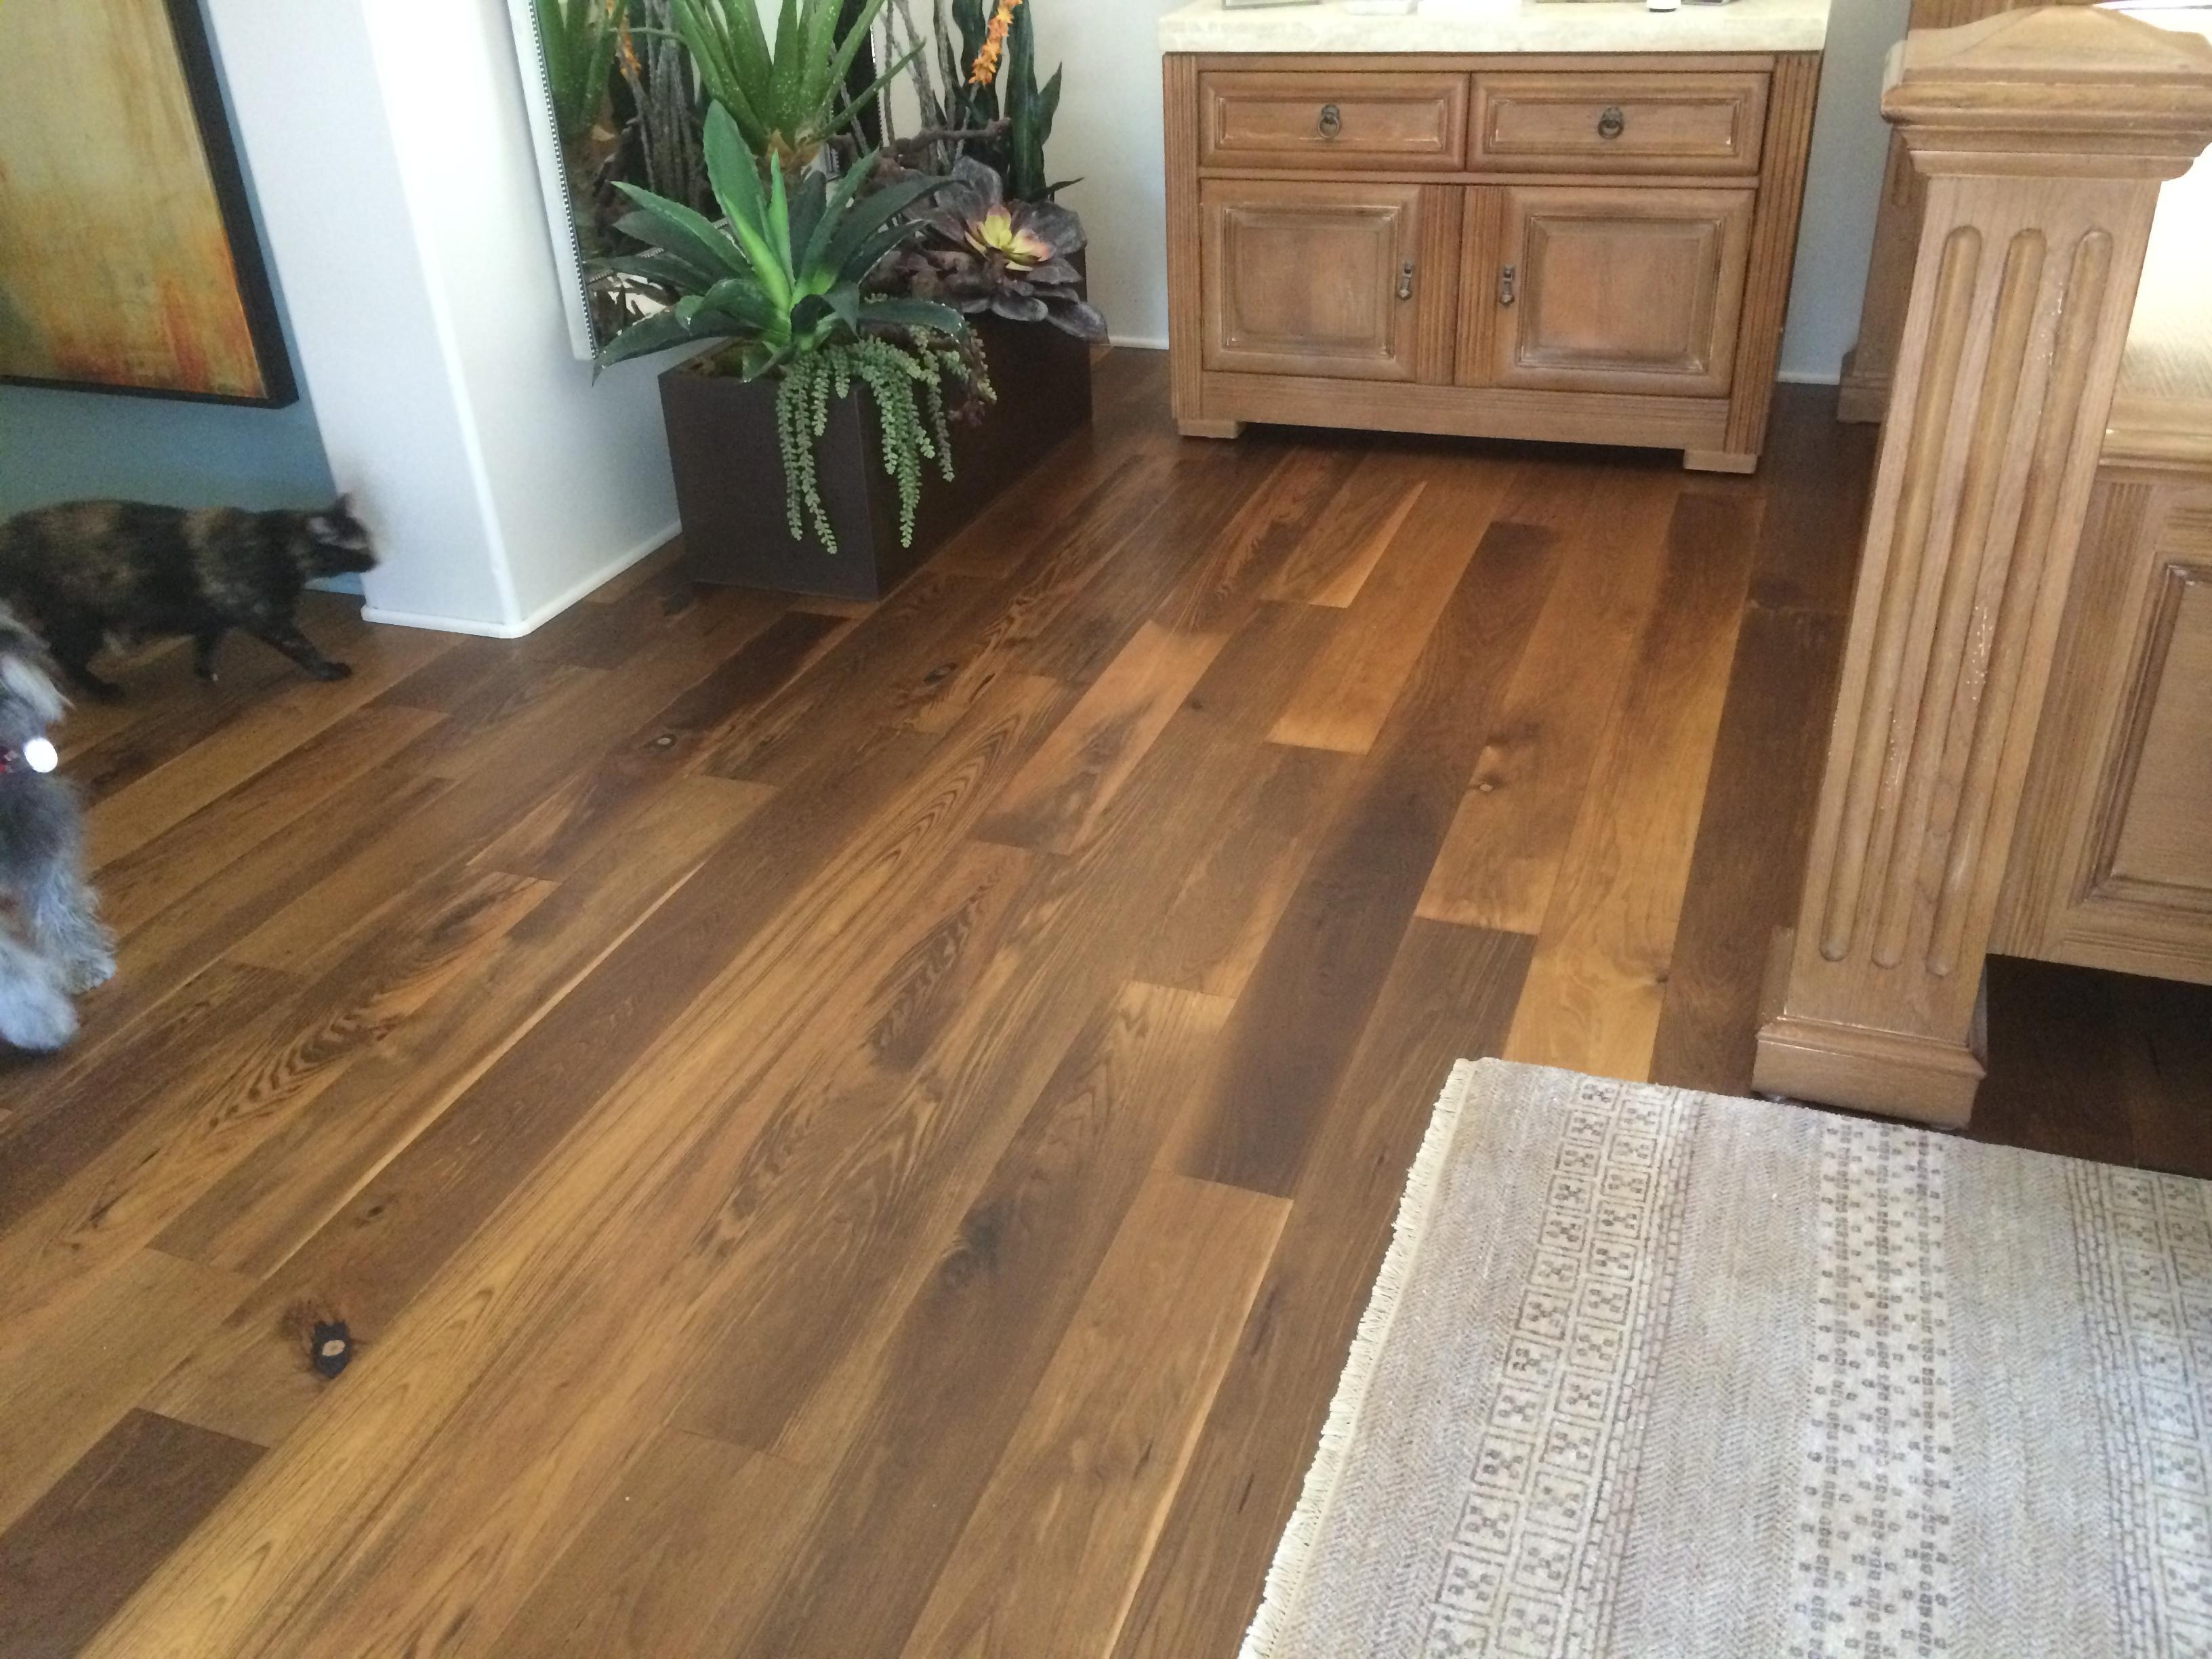 Thompson's Wood Floors, LLC